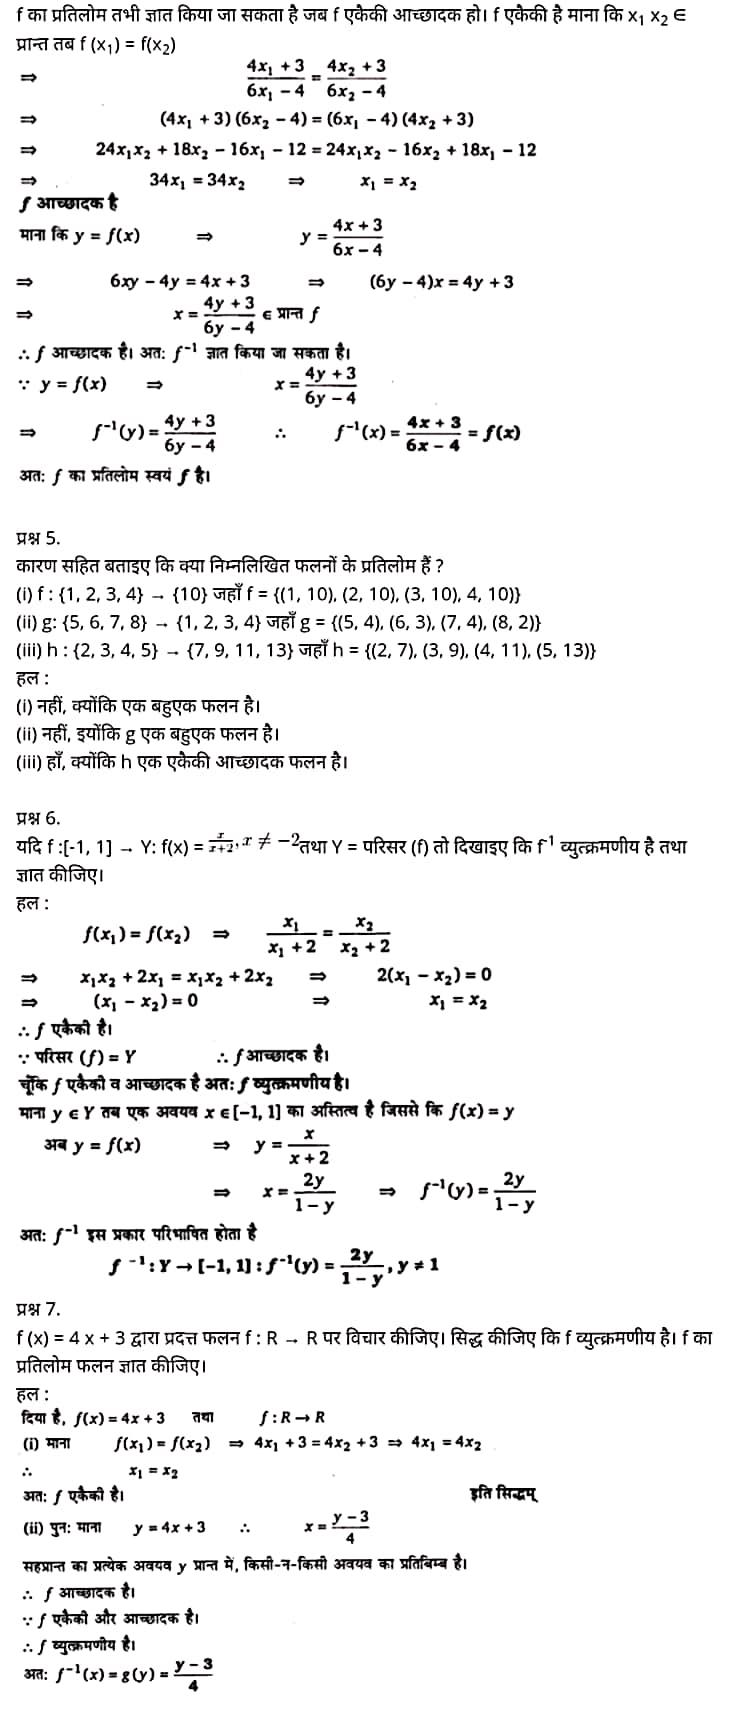 मैथ्स कक्षा 12 नोट्स pdf,  मैथ्स कक्षा 12 नोट्स 2020 NCERT,  मैथ्स कक्षा 12 PDF,  मैथ्स पुस्तक,  मैथ्स की बुक,  मैथ्स प्रश्नोत्तरी Class 12, 12 वीं मैथ्स पुस्तक RBSE,  बिहार बोर्ड 12 वीं मैथ्स नोट्स,   12th Maths book in hindi,12th Maths notes in hindi,cbse books for class 12,cbse books in hindi,cbse ncert books,class 12 Maths notes in hindi,class 12 hindi ncert solutions,Maths 2020,Maths 2021,Maths 2022,Maths book class 12,Maths book in hindi,Maths class 12 in hindi,Maths notes for class 12 up board in hindi,ncert all books,ncert app in hindi,ncert book solution,ncert books class 10,ncert books class 12,ncert books for class 7,ncert books for upsc in hindi,ncert books in hindi class 10,ncert books in hindi for class 12 Maths,ncert books in hindi for class 6,ncert books in hindi pdf,ncert class 12 hindi book,ncert english book,ncert Maths book in hindi,ncert Maths books in hindi pdf,ncert Maths class 12,ncert in hindi,old ncert books in hindi,online ncert books in hindi,up board 12th,up board 12th syllabus,up board class 10 hindi book,up board class 12 books,up board class 12 new syllabus,up Board Maths 2020,up Board Maths 2021,up Board Maths 2022,up Board Maths 2023,up board intermediate Maths syllabus,up board intermediate syllabus 2021,Up board Master 2021,up board model paper 2021,up board model paper all subject,up board new syllabus of class 12th Maths,up board paper 2021,Up board syllabus 2021,UP board syllabus 2022,  12 veen maiths buk hindee mein, 12 veen maiths nots hindee mein, seebeeesasee kitaaben 12 ke lie, seebeeesasee kitaaben hindee mein, seebeeesasee enaseeaaratee kitaaben, klaas 12 maiths nots in hindee, klaas 12 hindee enaseeteeaar solyooshans, maiths 2020, maiths 2021, maiths 2022, maiths buk klaas 12, maiths buk in hindee, maiths klaas 12 hindee mein, maiths nots phor klaas 12 ap bord in hindee, nchairt all books, nchairt app in hindi, nchairt book solution, nchairt books klaas 10, nchairt books klaas 12, nchairt books kaksha 7 ke lie, nchairt 